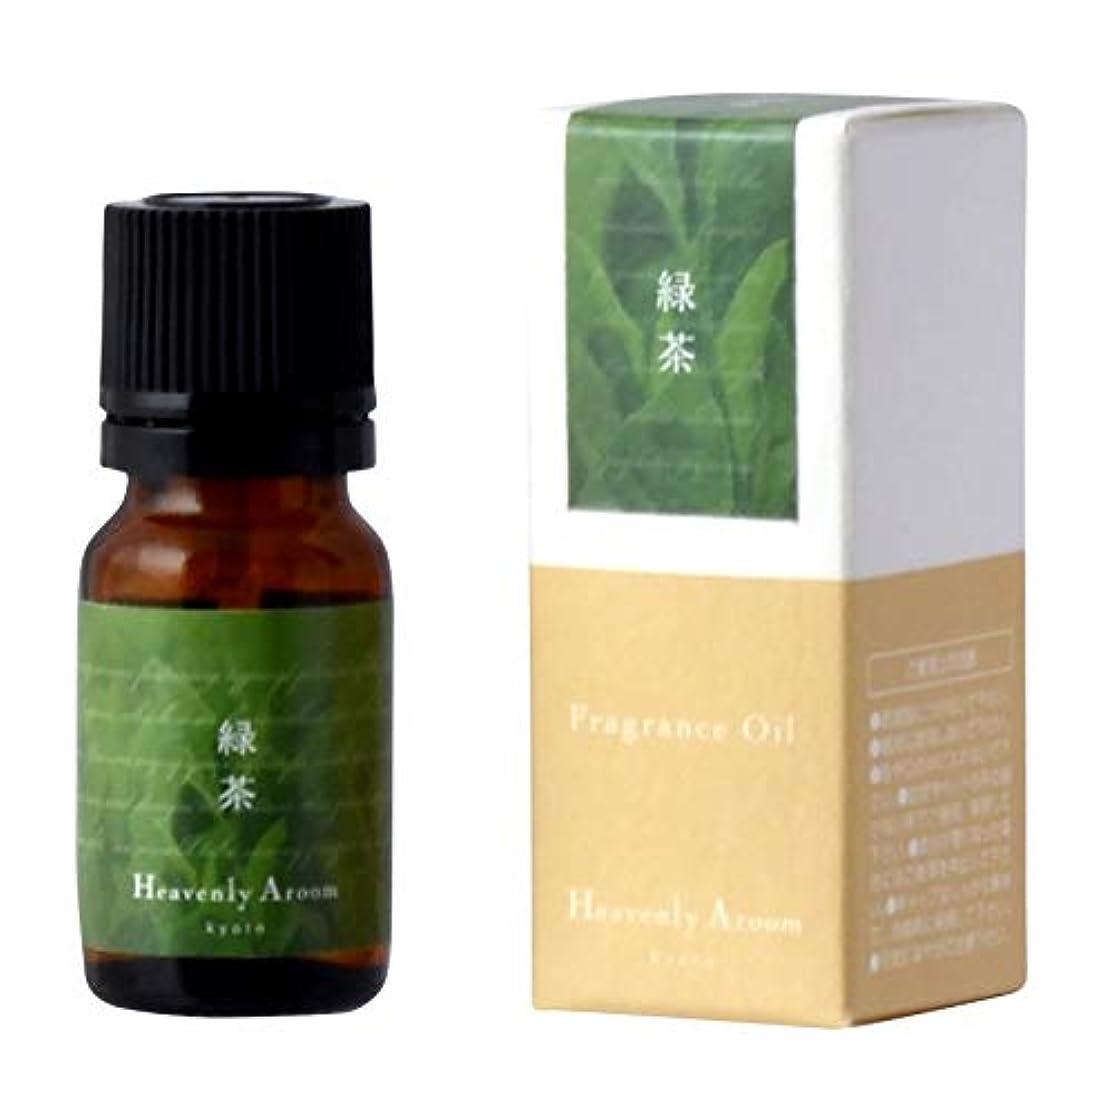 ラベンダー名義で優雅Heavenly Aroom フレグランスオイル 緑茶 10ml